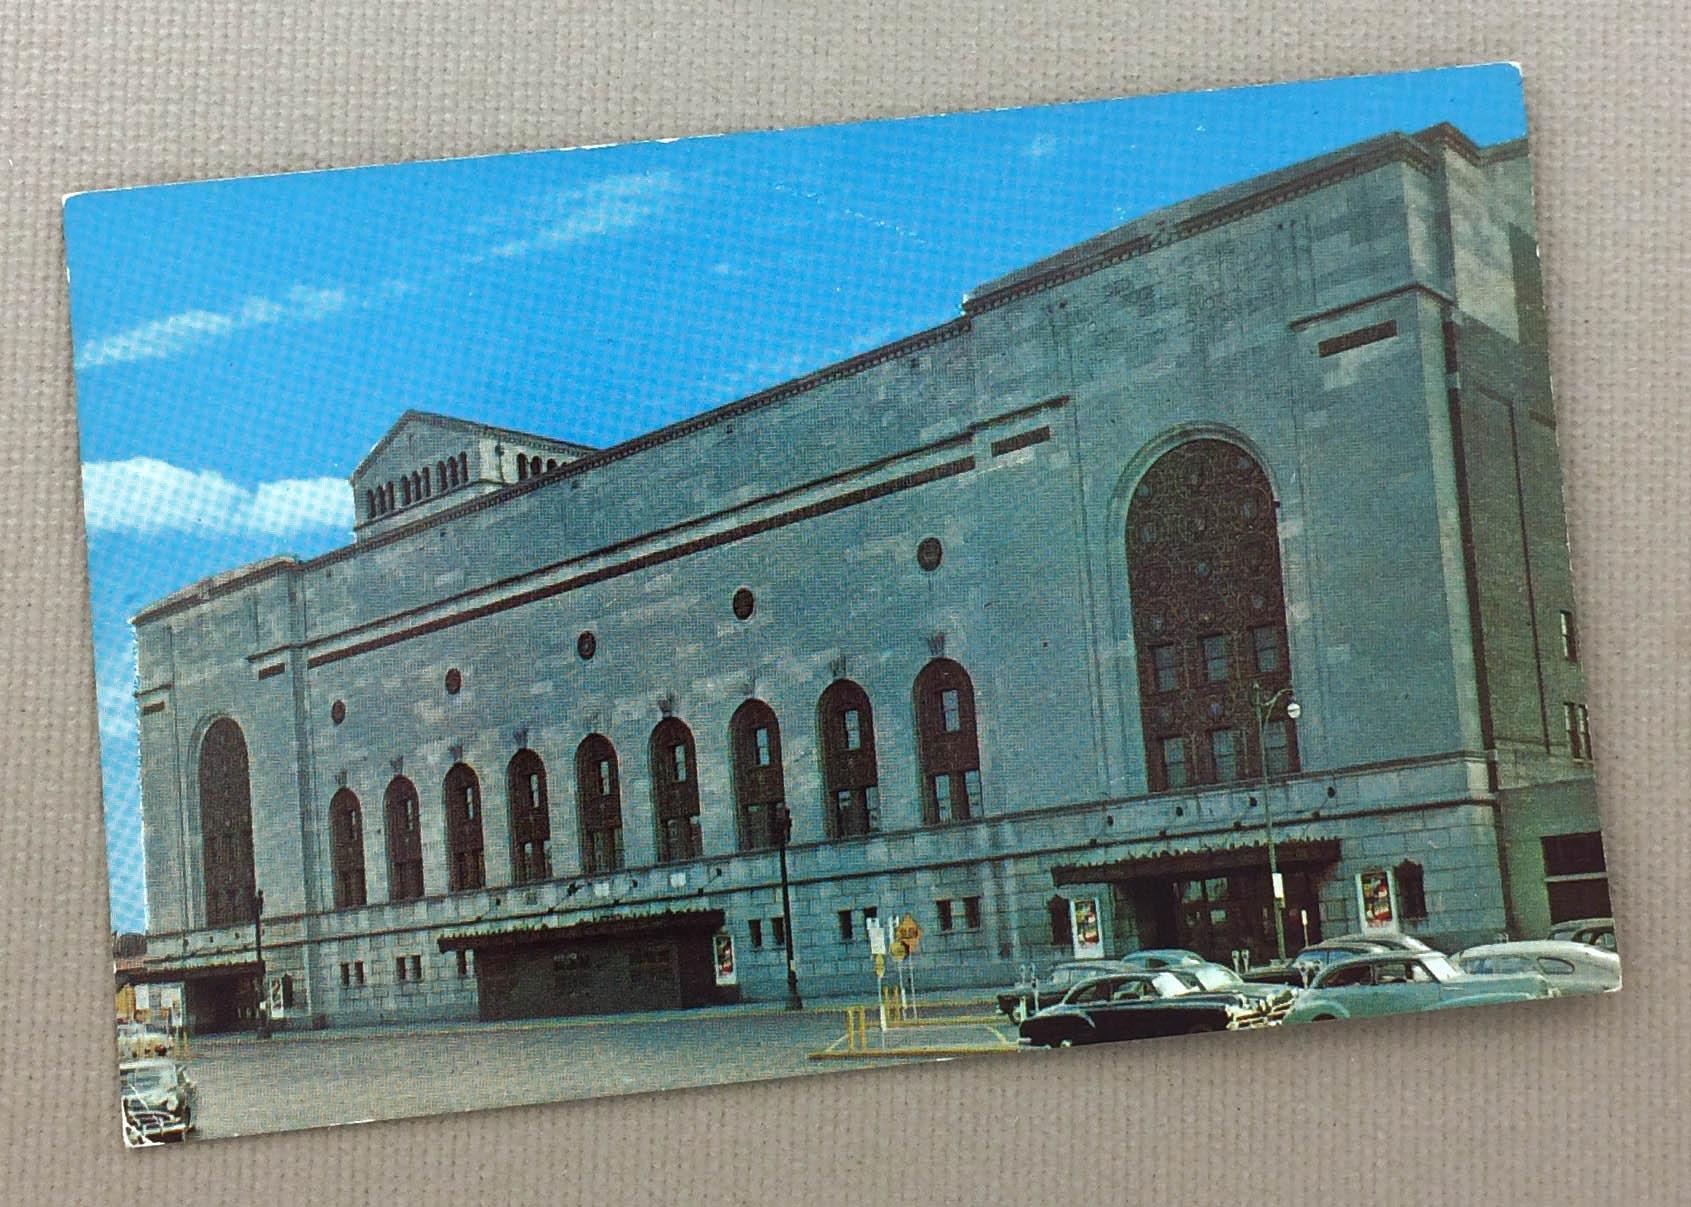 Minneapolis Municipal Auditorium